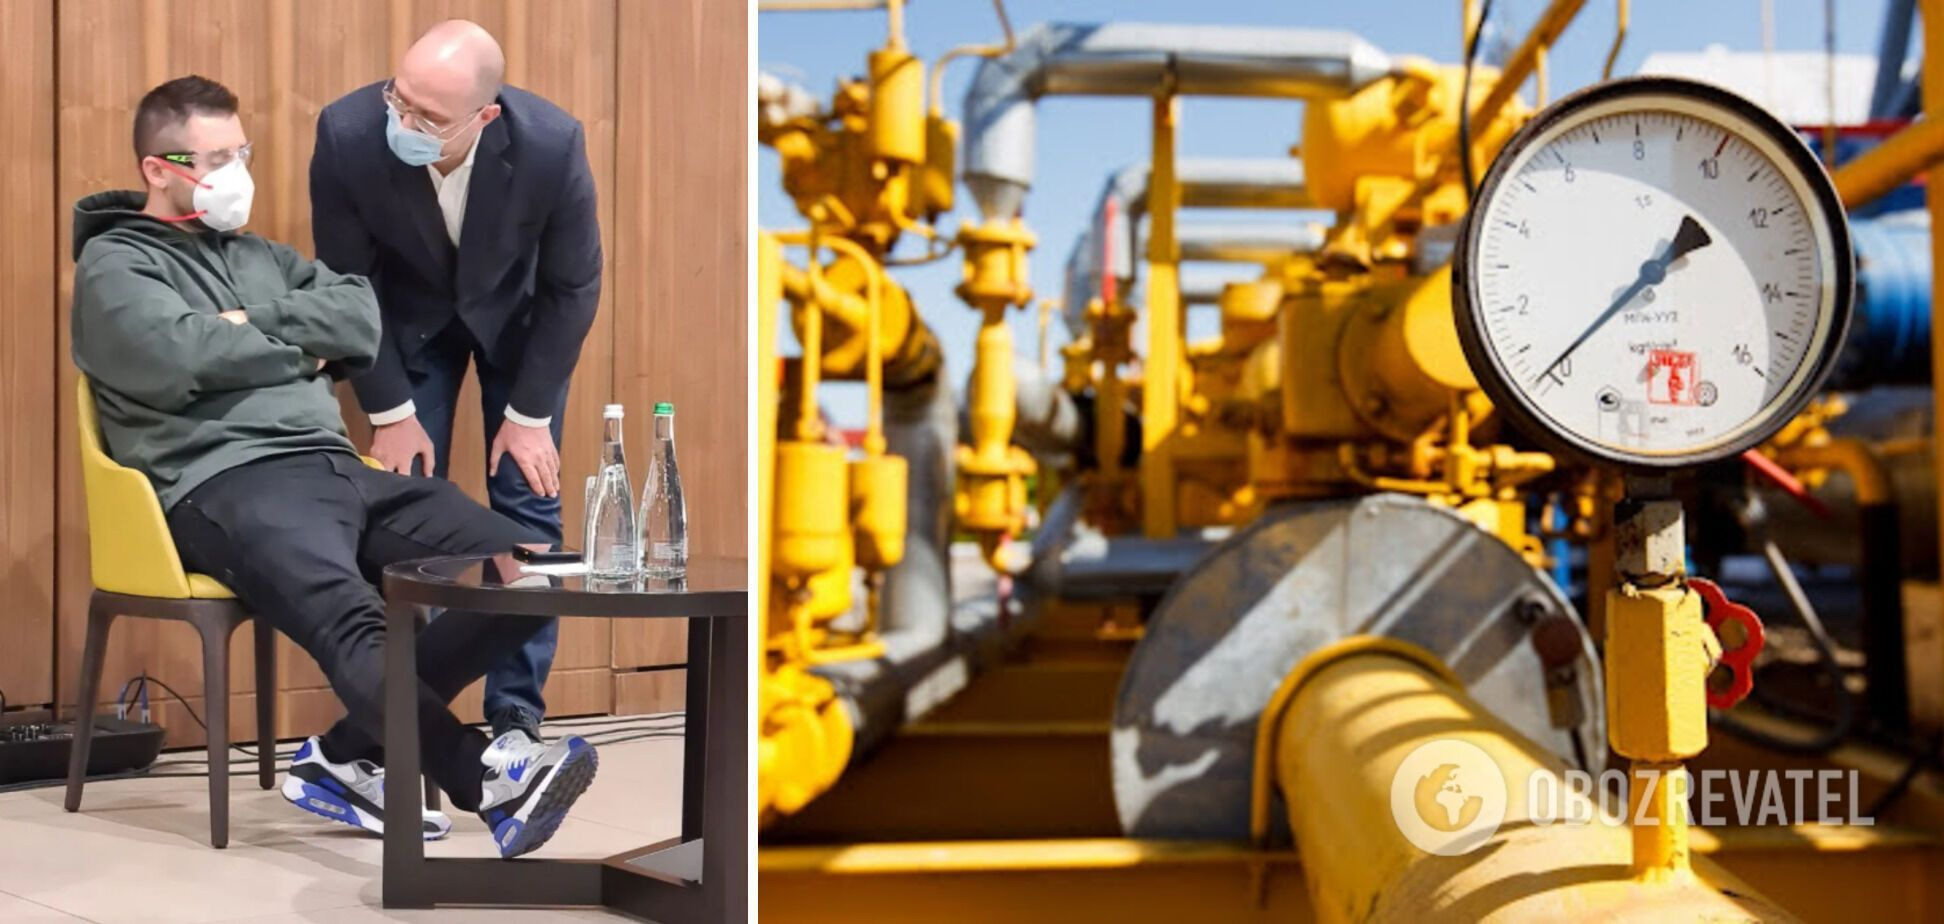 Україна втратить 5% видобутку газу від ідеї експропріювати газ приватних компаній, – експерт 'Центру Разумкова'